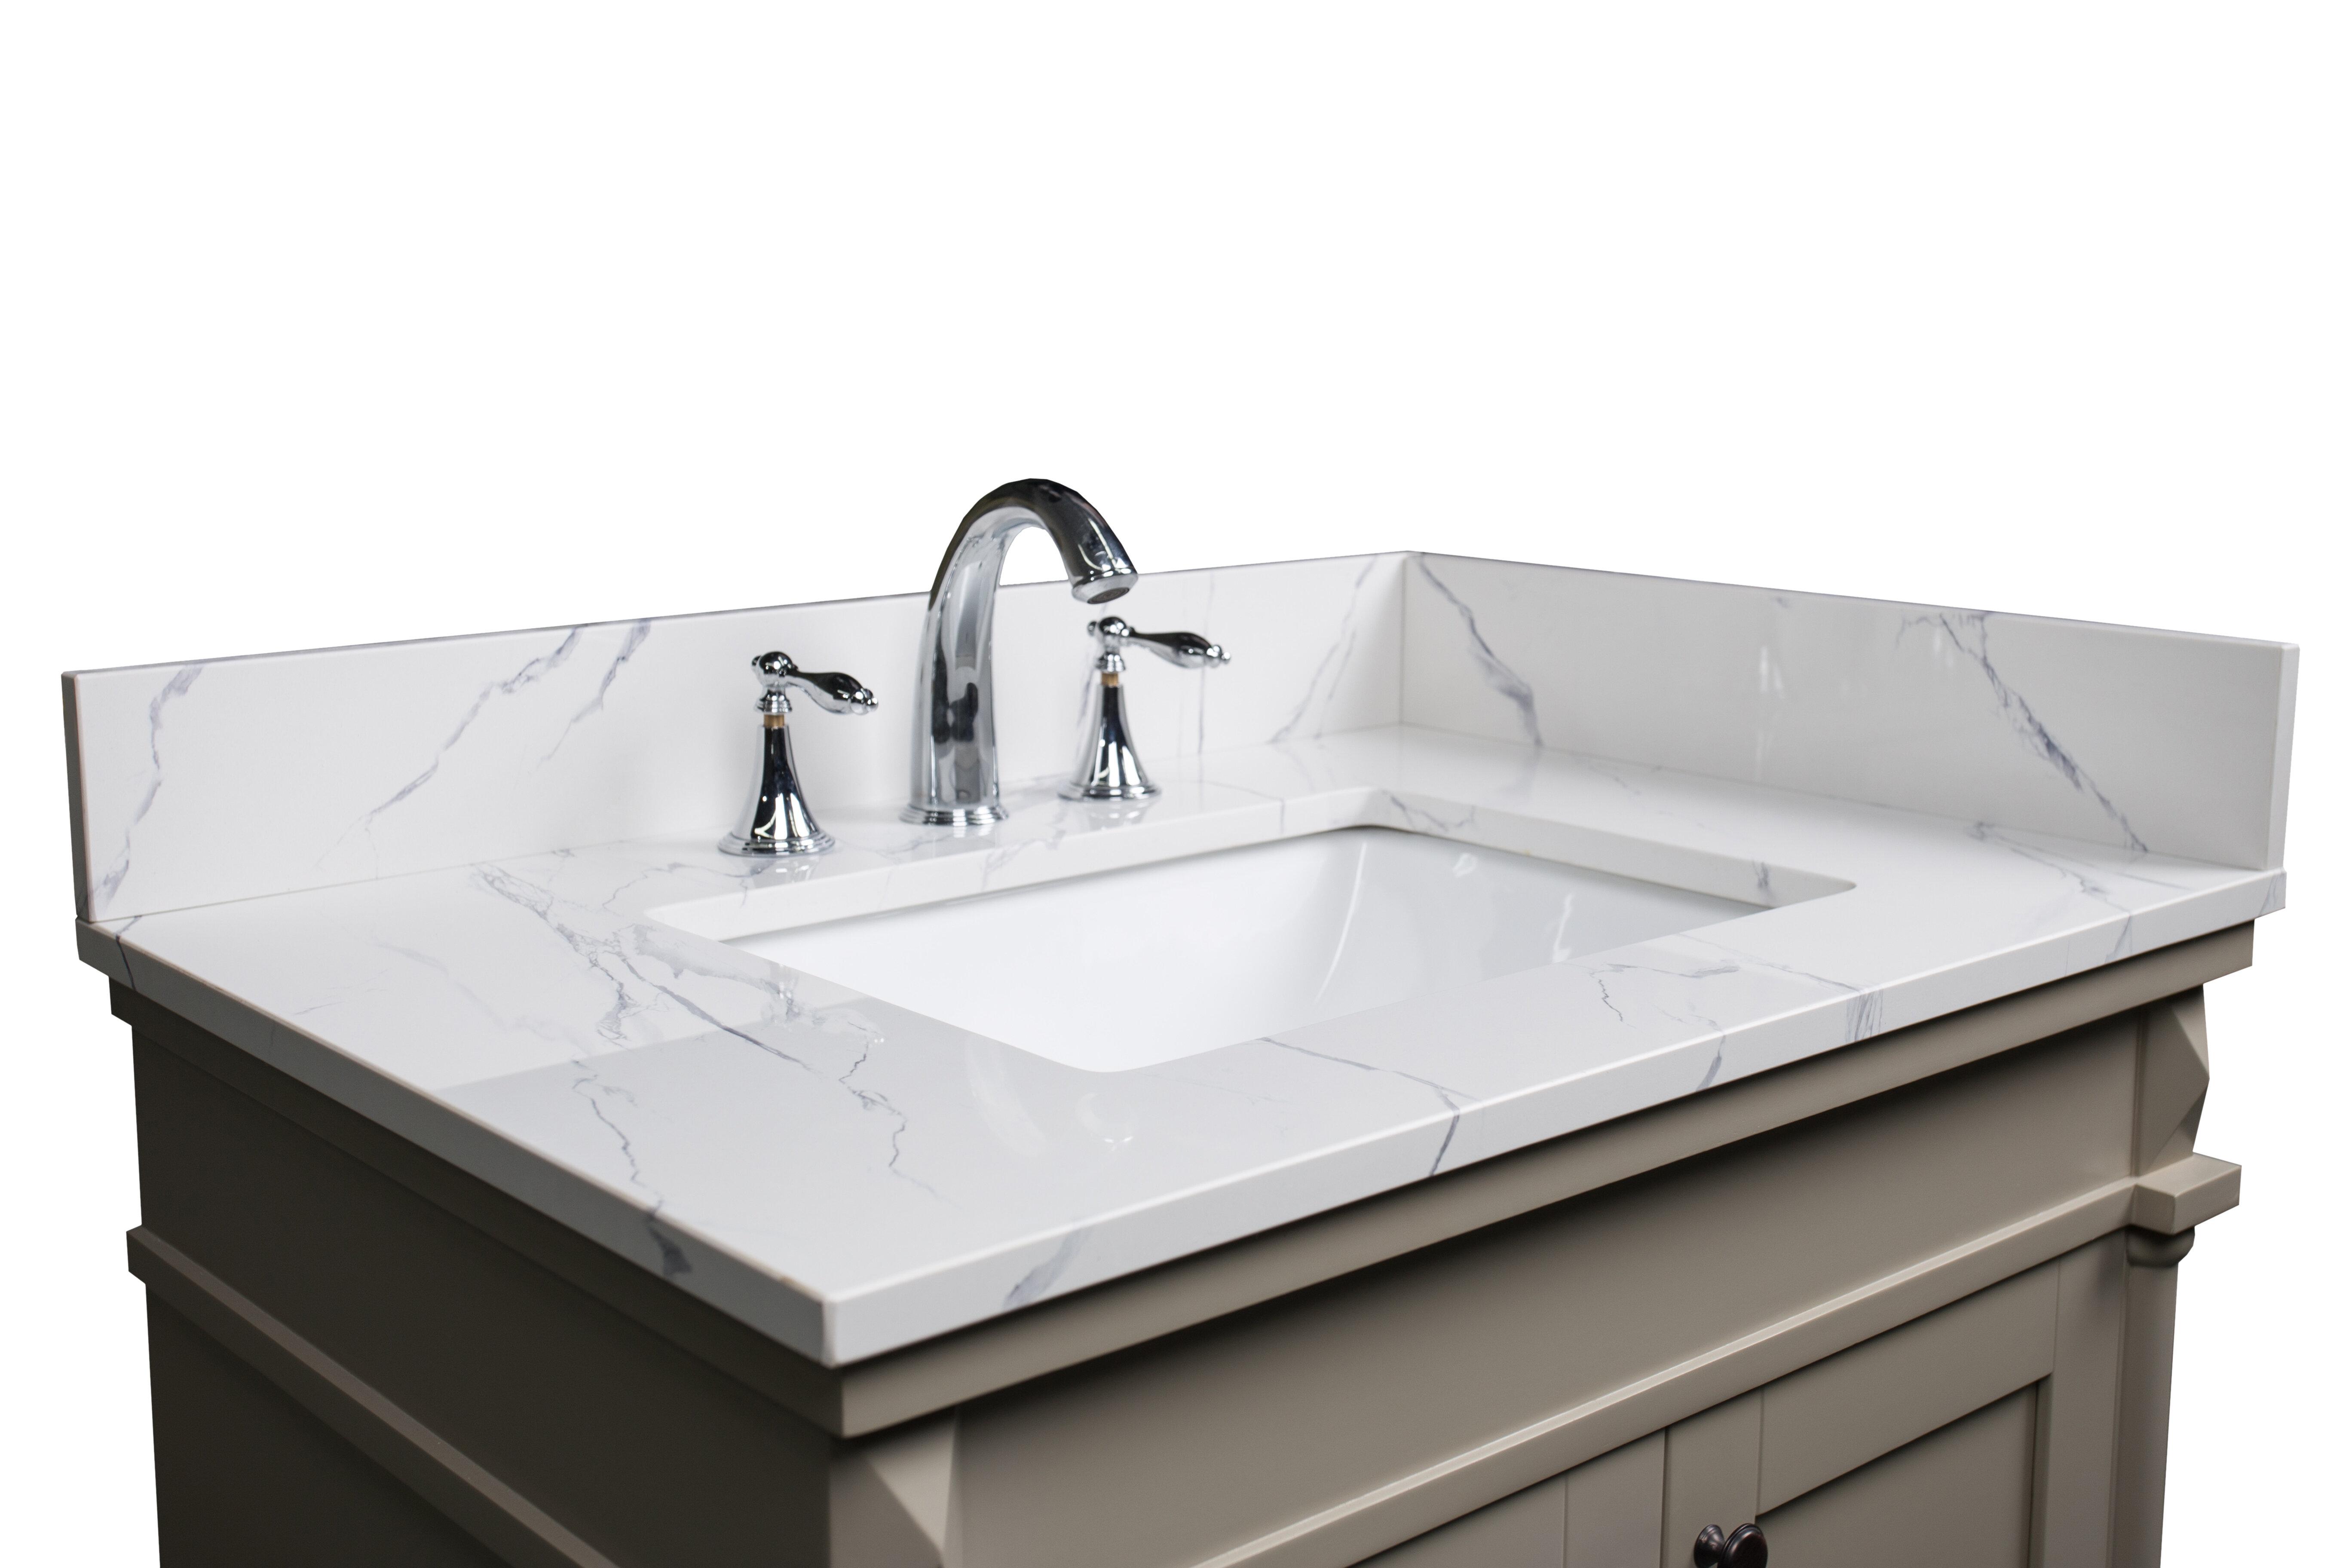 Renaissancevanity 31 Single Bathroom Vanity Top Reviews Wayfair